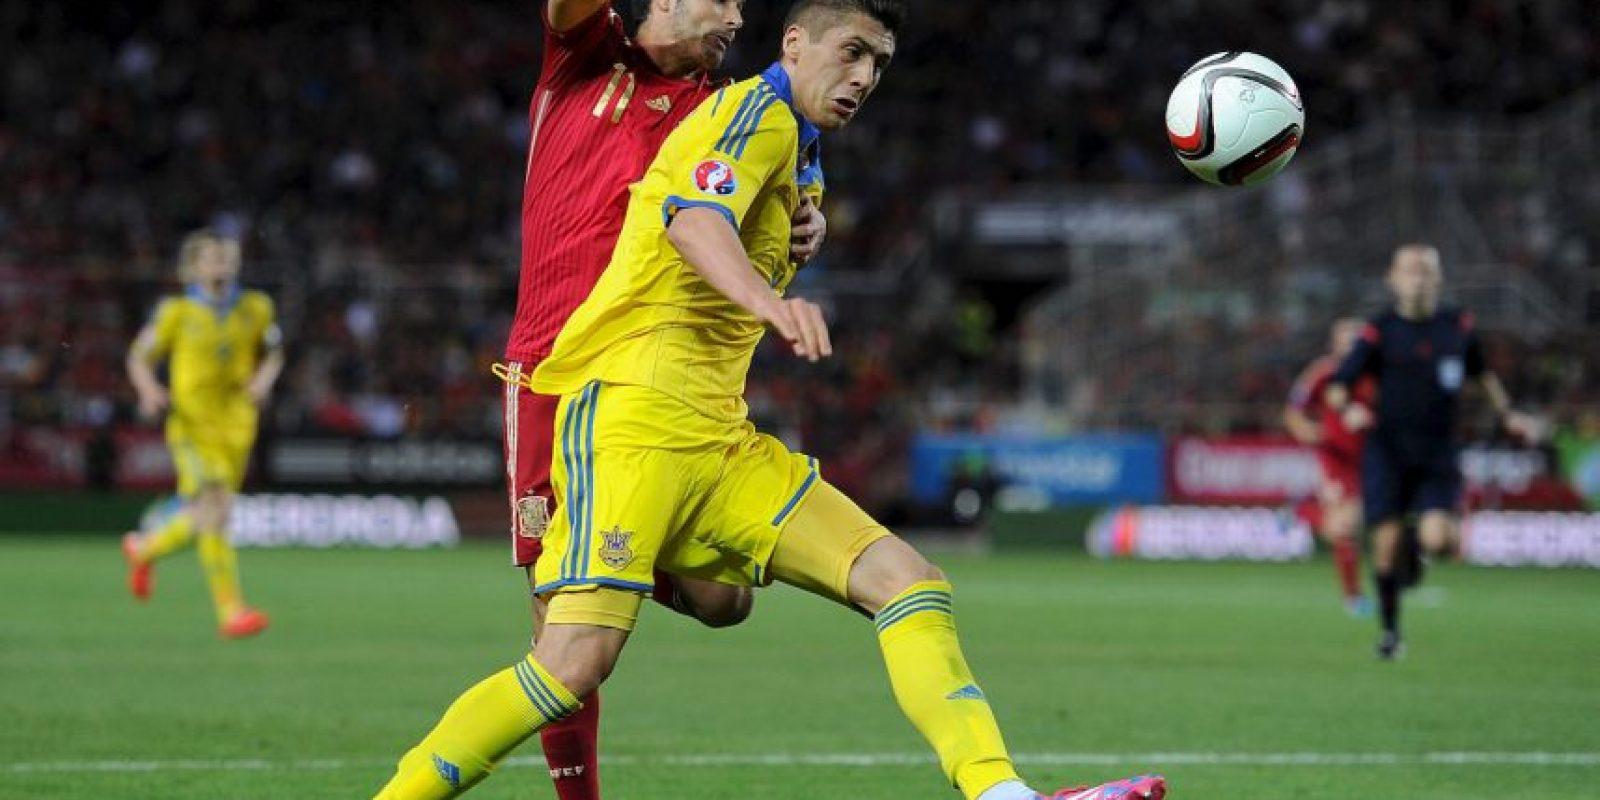 Fue el tercer lugar del grupo C, por debajo de España y Eslovaquia Foto:Getty Images